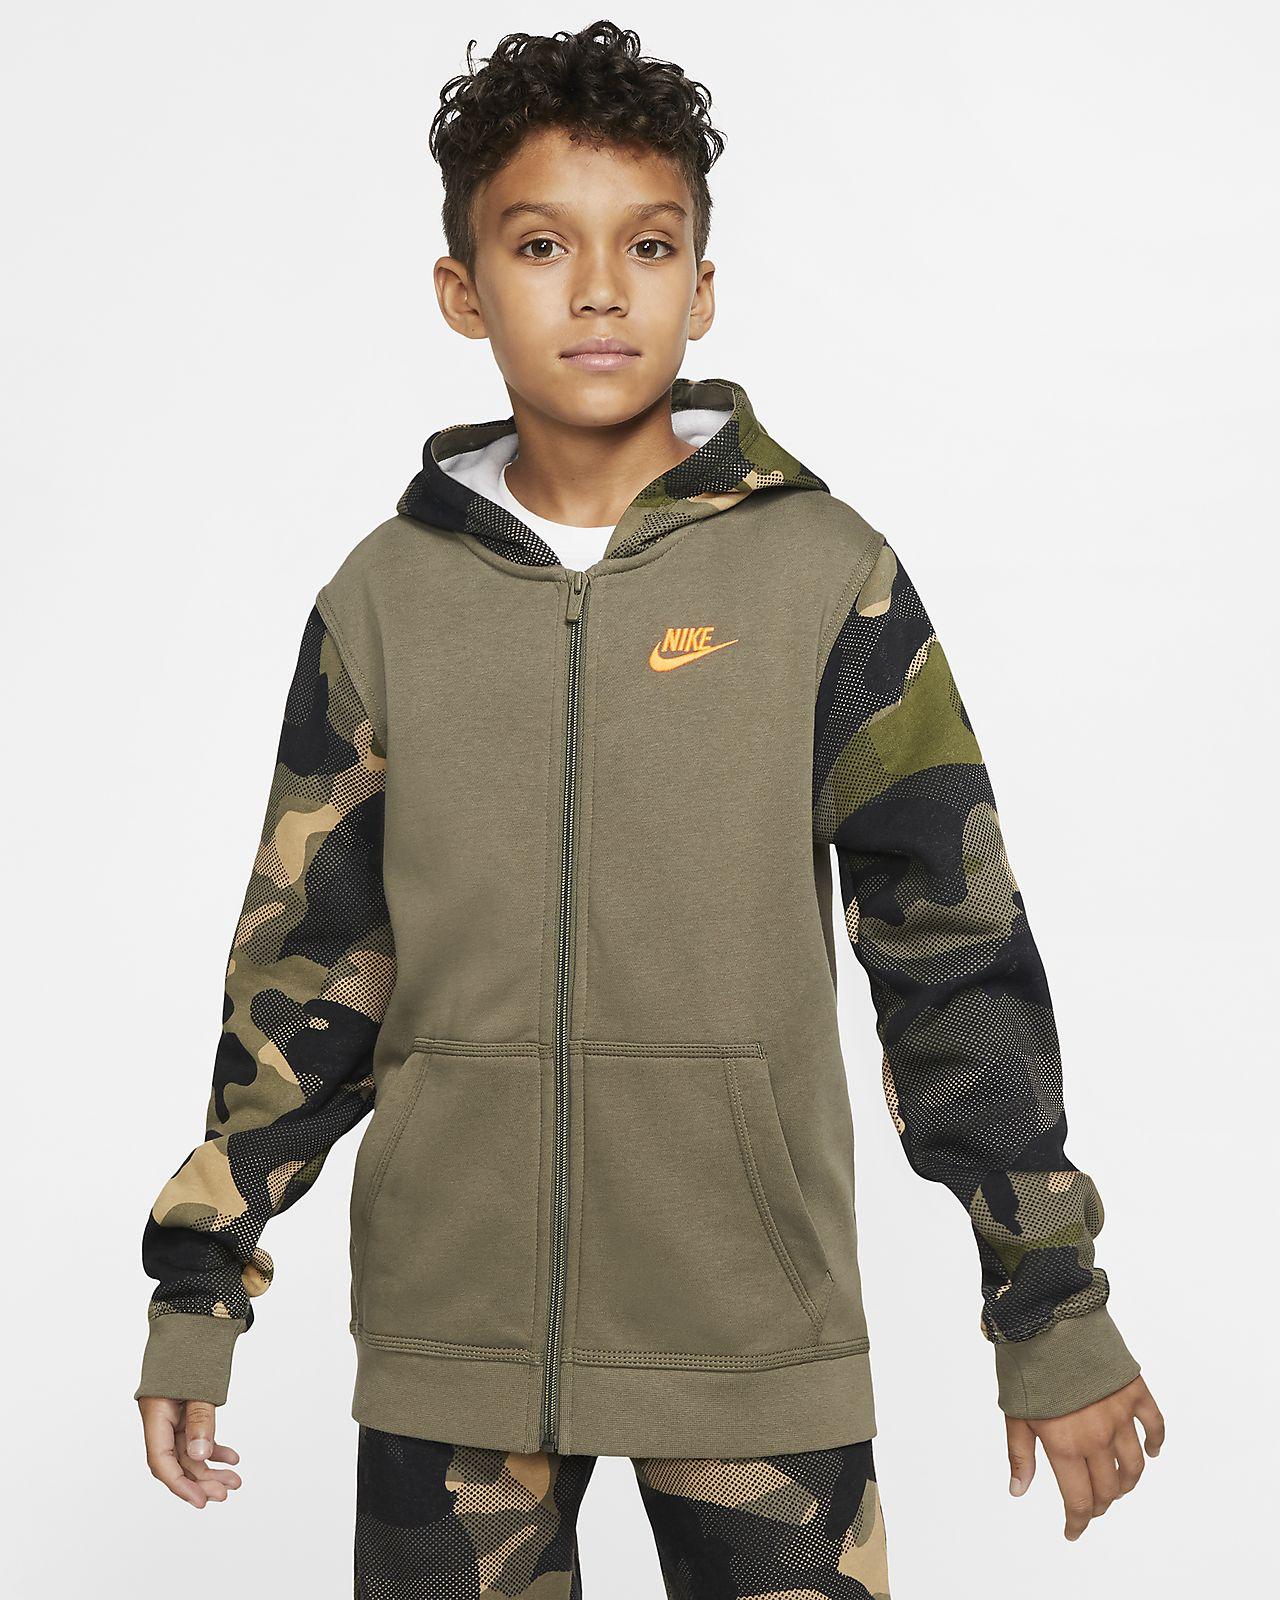 Nike Sportswear Club 大童(男孩)全长拉链开襟连帽衫